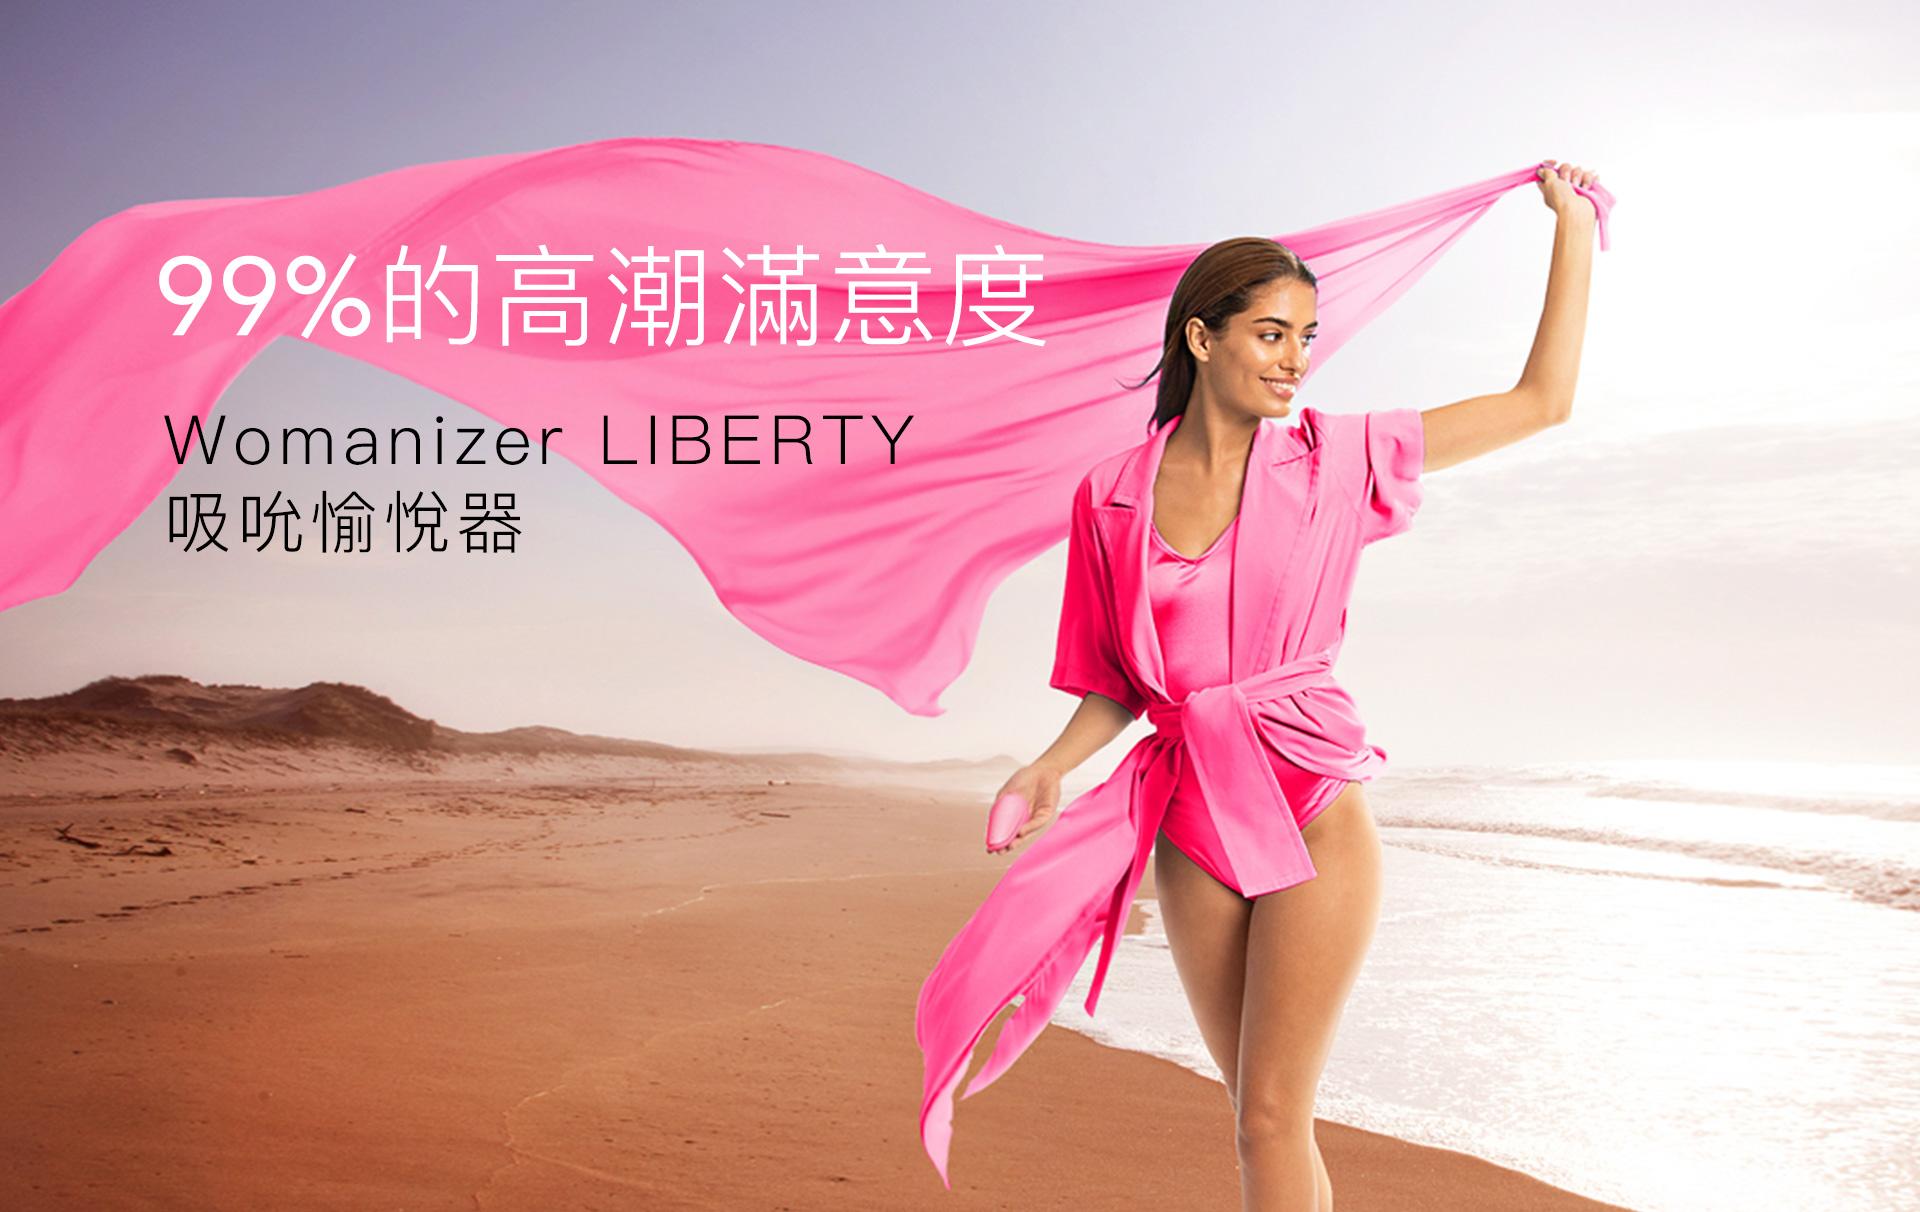 liberty 吸吮器